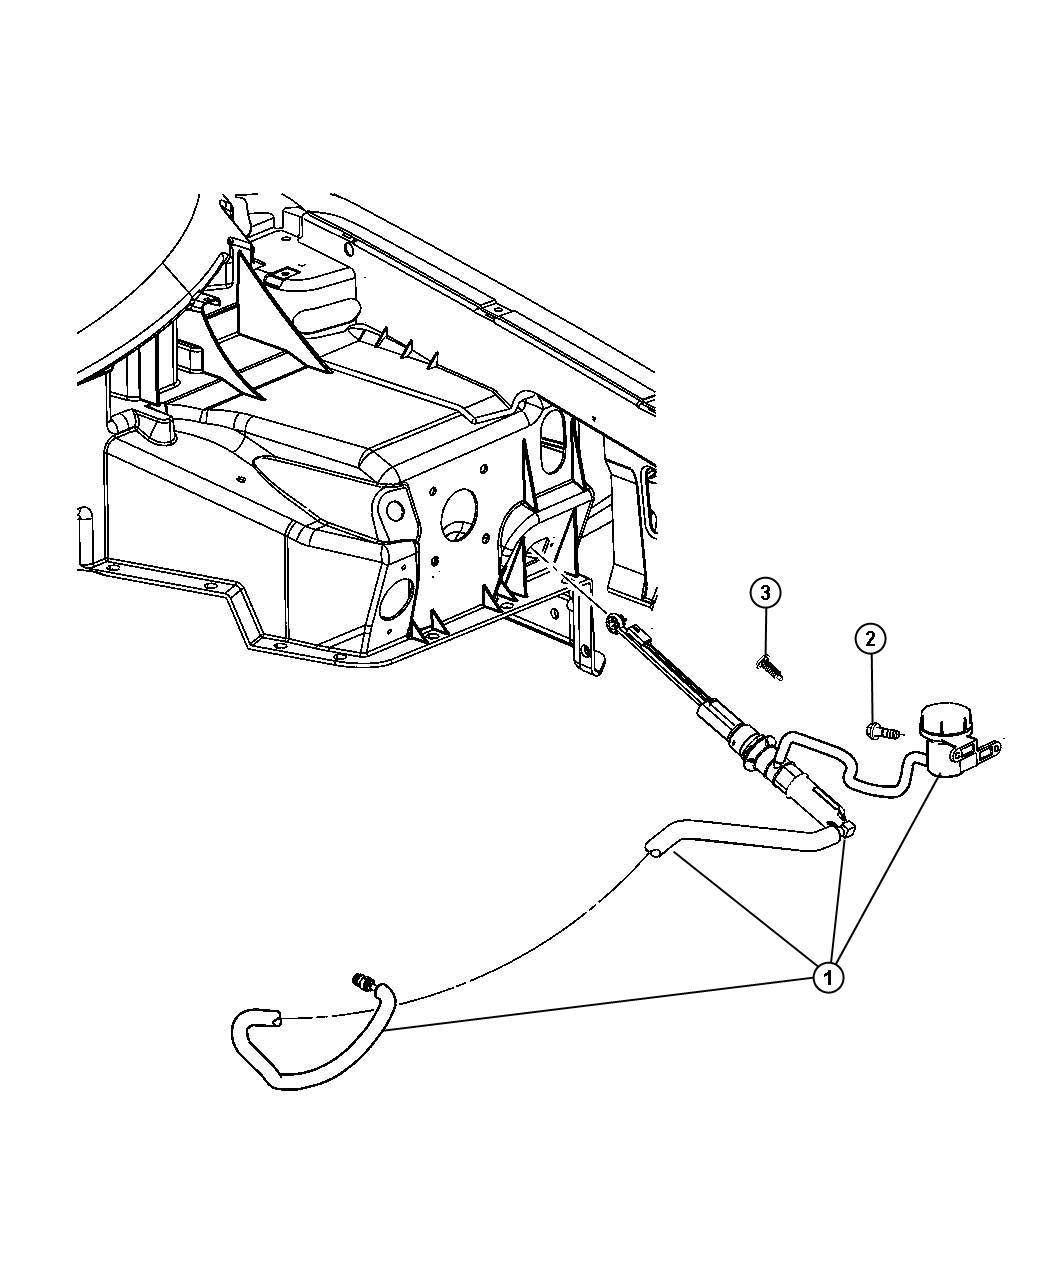 Dodge Viper Actuator Hydraulic Clutch